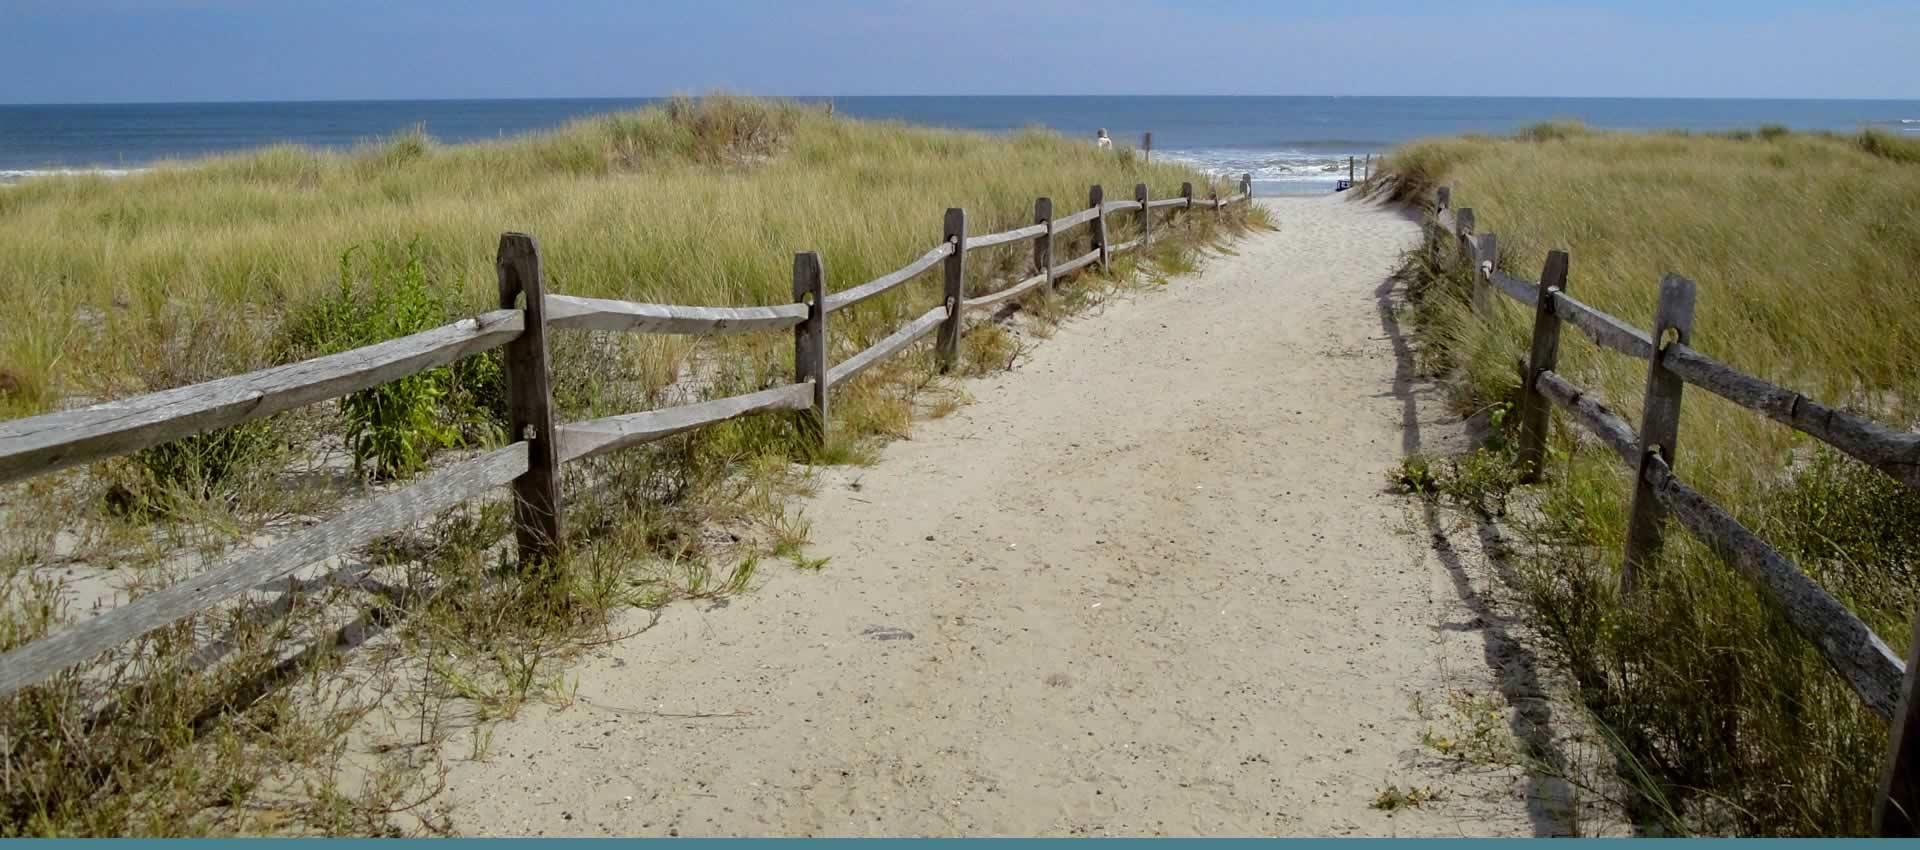 Rhythm-of-the-sea-beach2